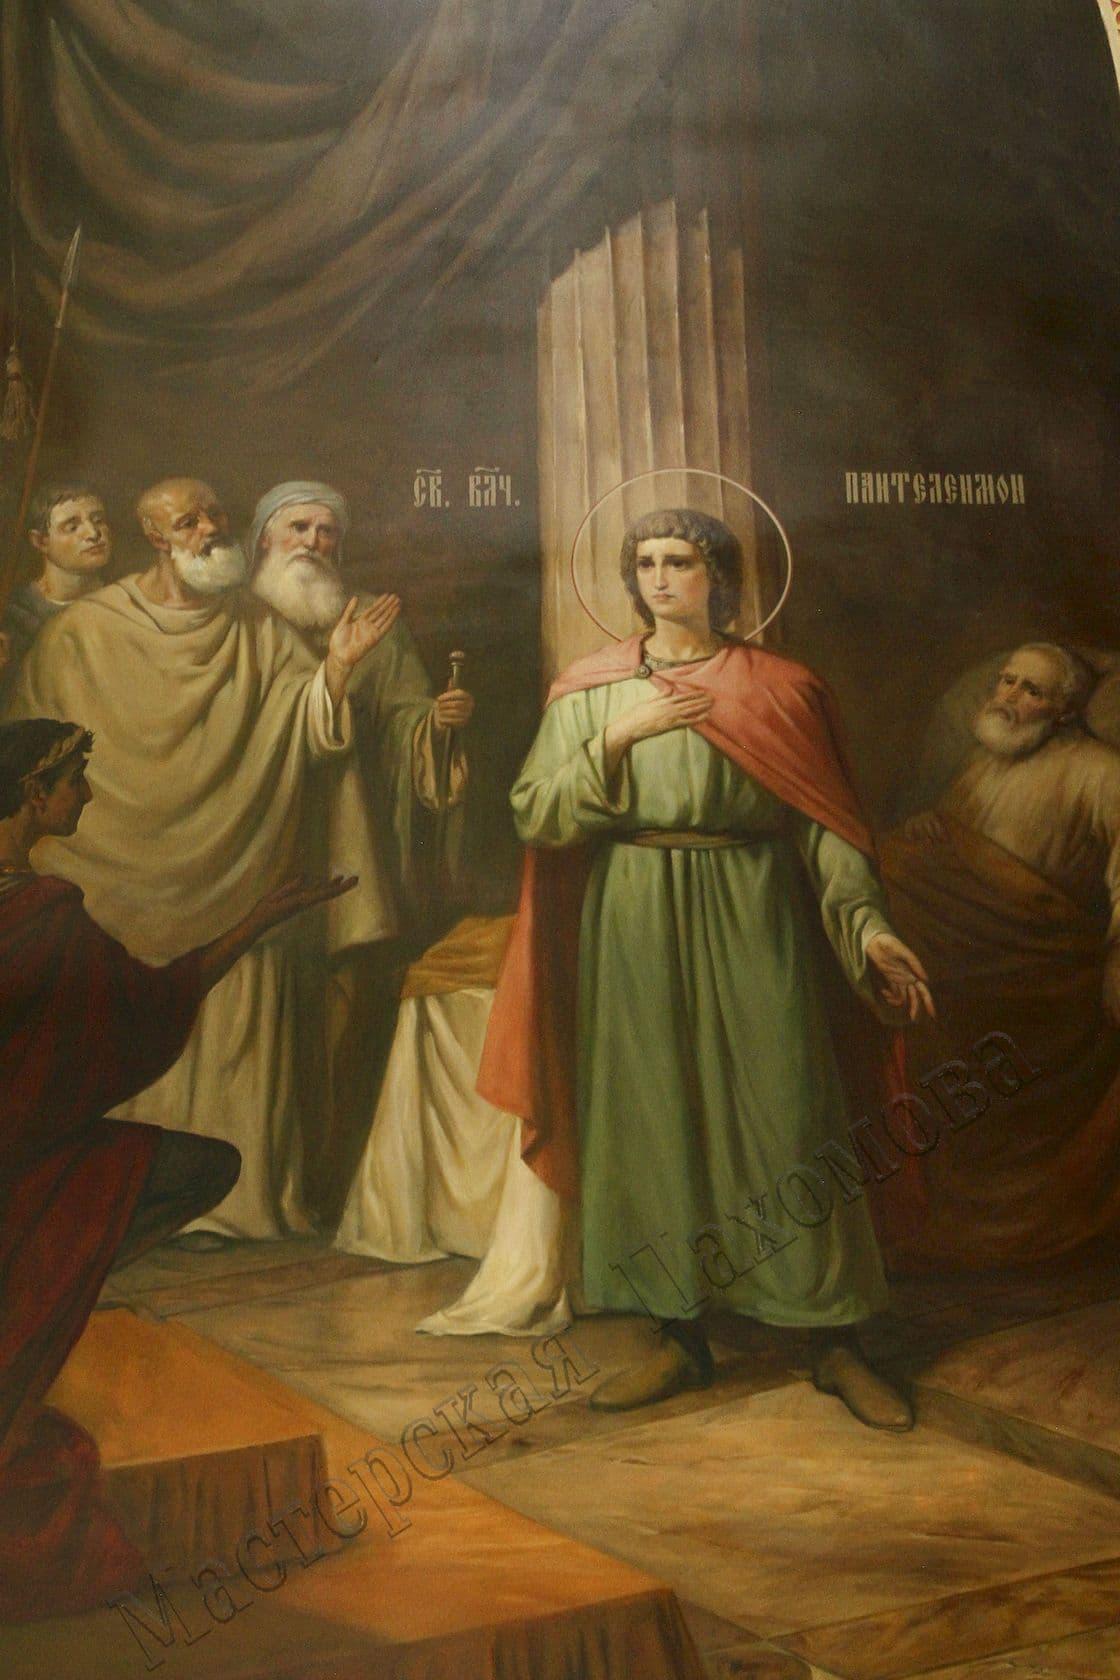 Беседа Святого Пантелеймона с императором Максимианом. Авторская роспись храма